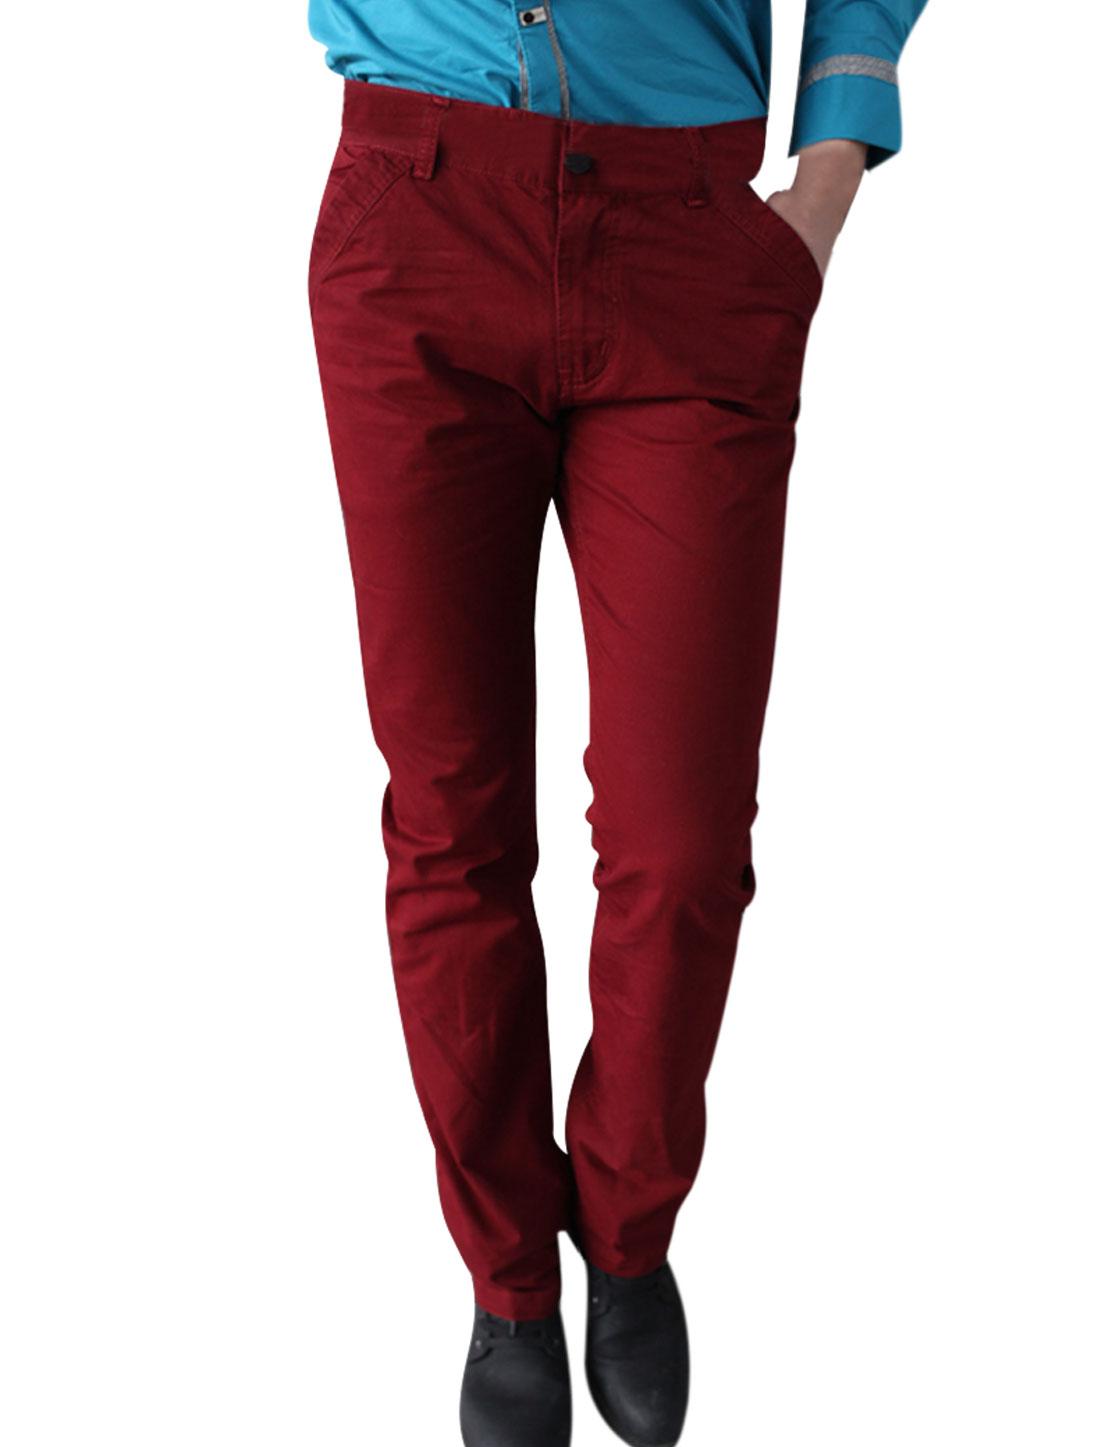 Men Waistband Loop Spring Wearing Pants Burgundy W31